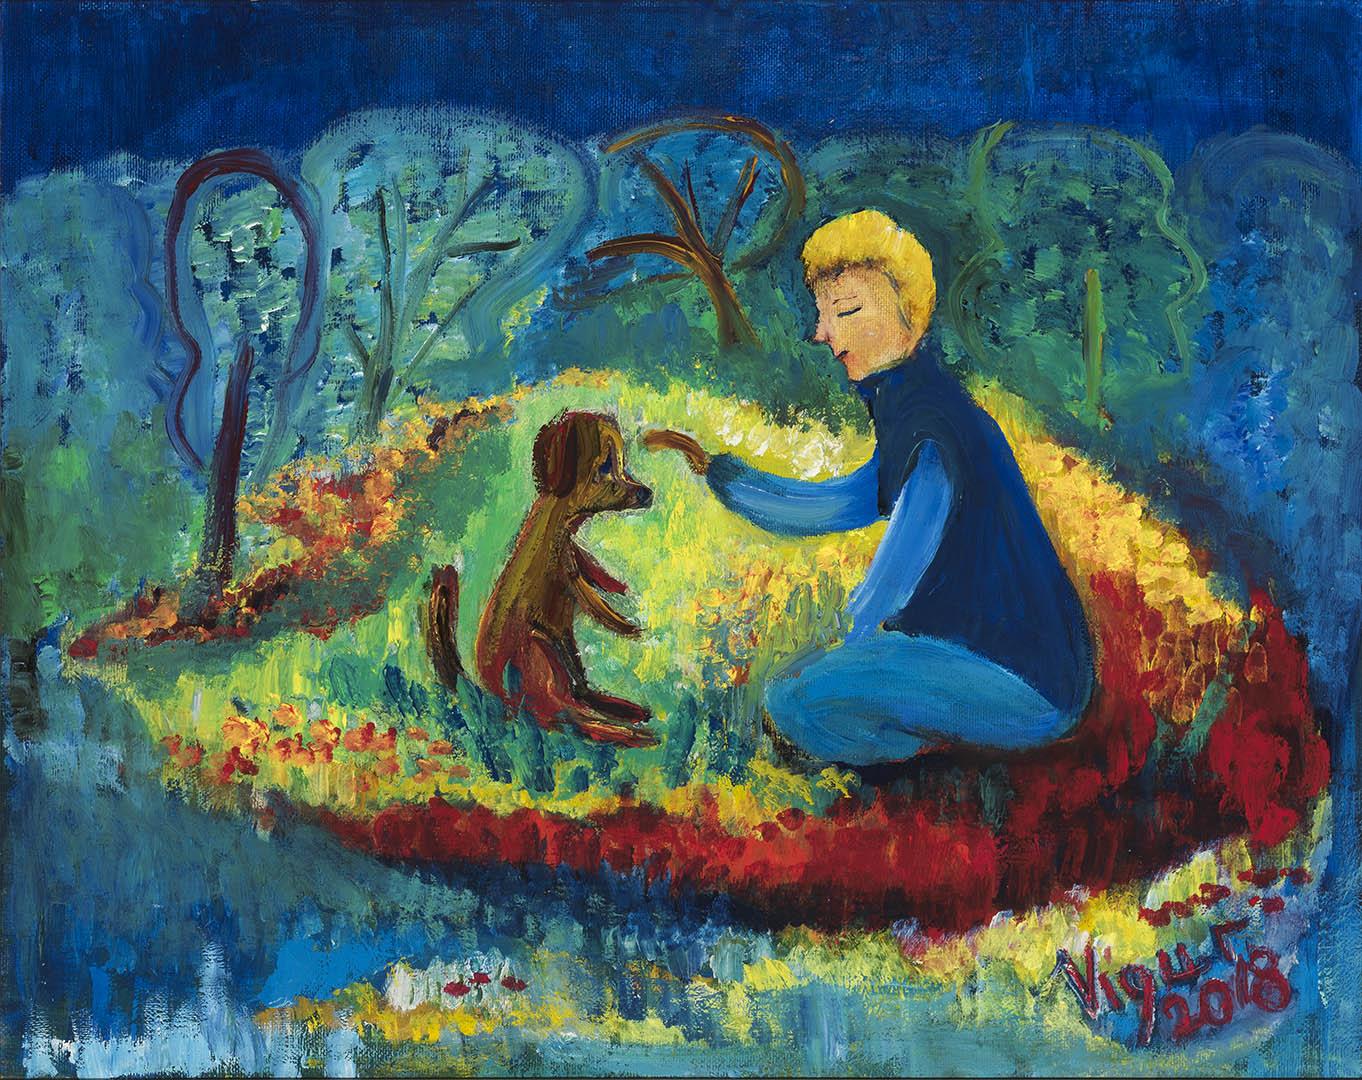 """Virginija Guršnienė. """"Draugai"""", 2018 m. Drobė, aliejus; 40 x 50 cm"""